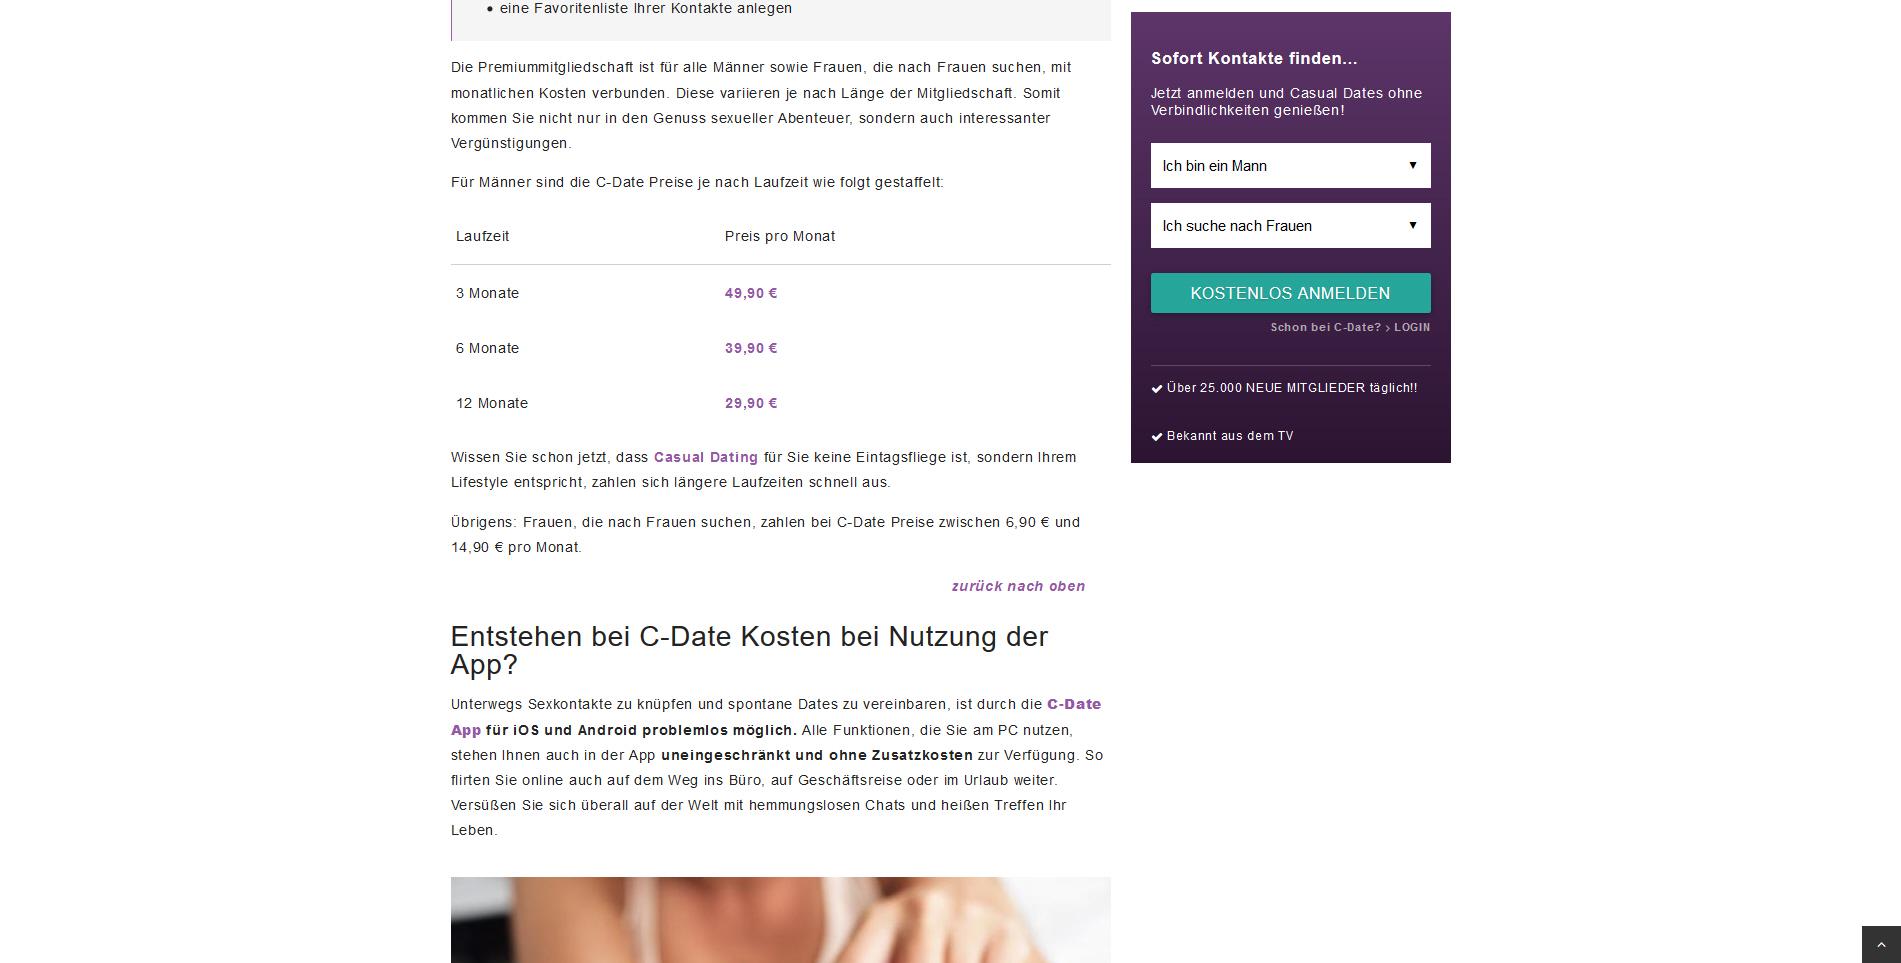 Preise C-Date